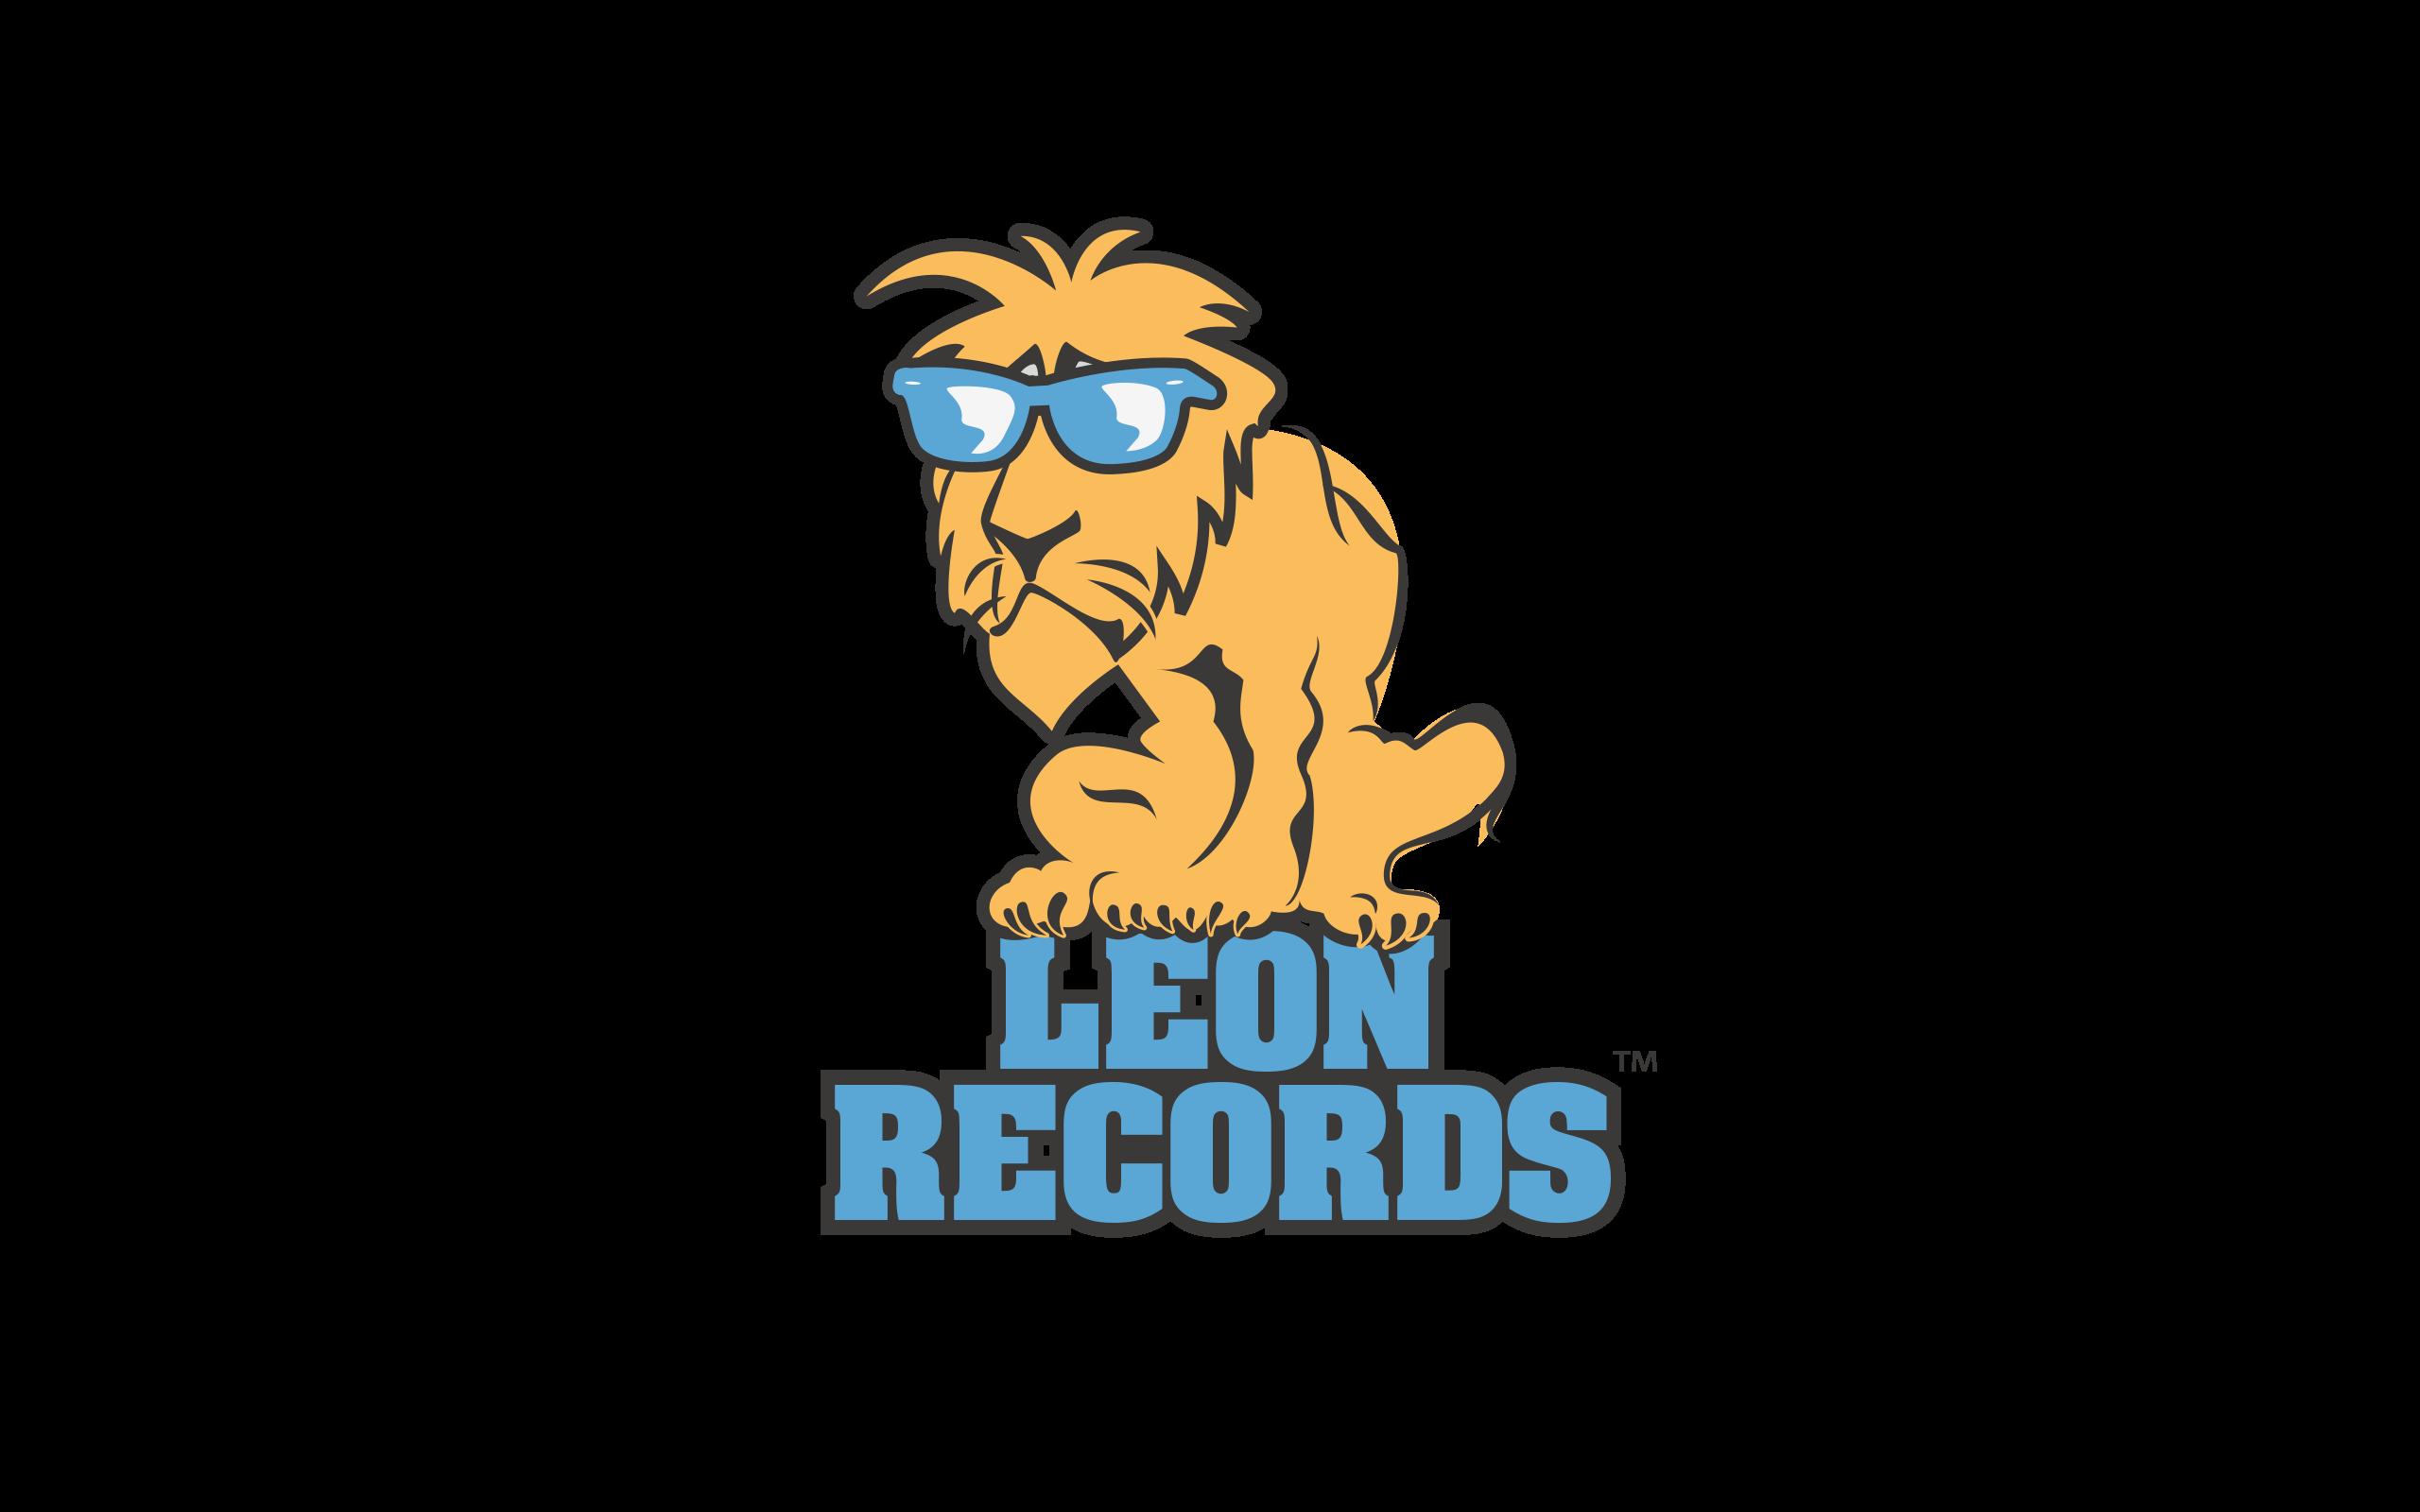 Leon Records